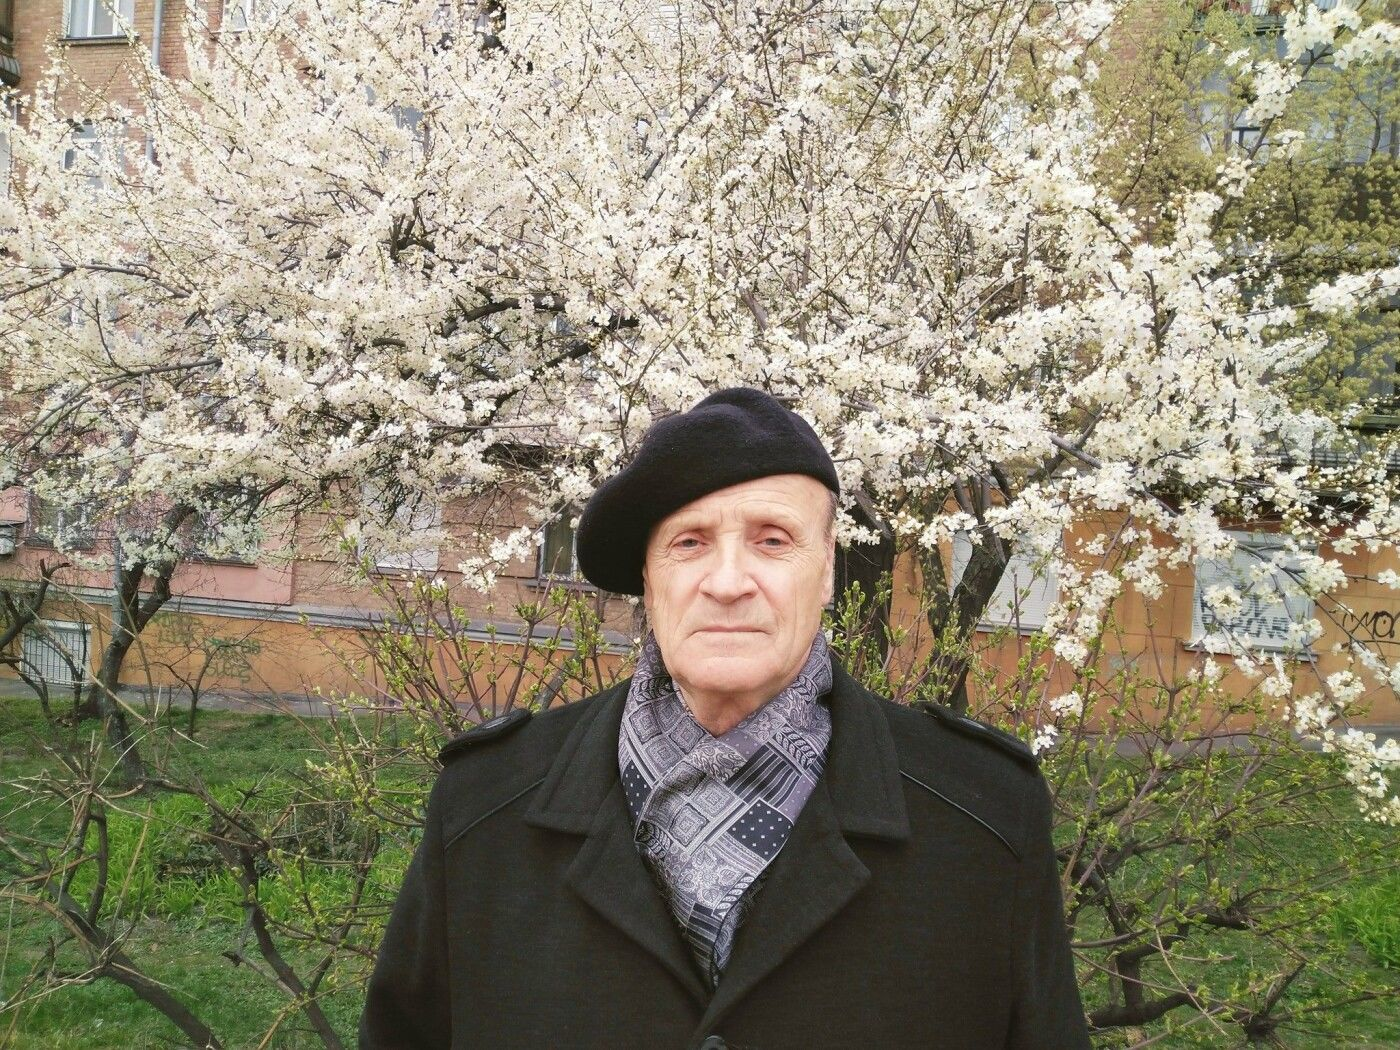 """Супруга сообщила о смерти известного украинского писателя Слабошпицкого: """"Люблю. Плачу"""""""